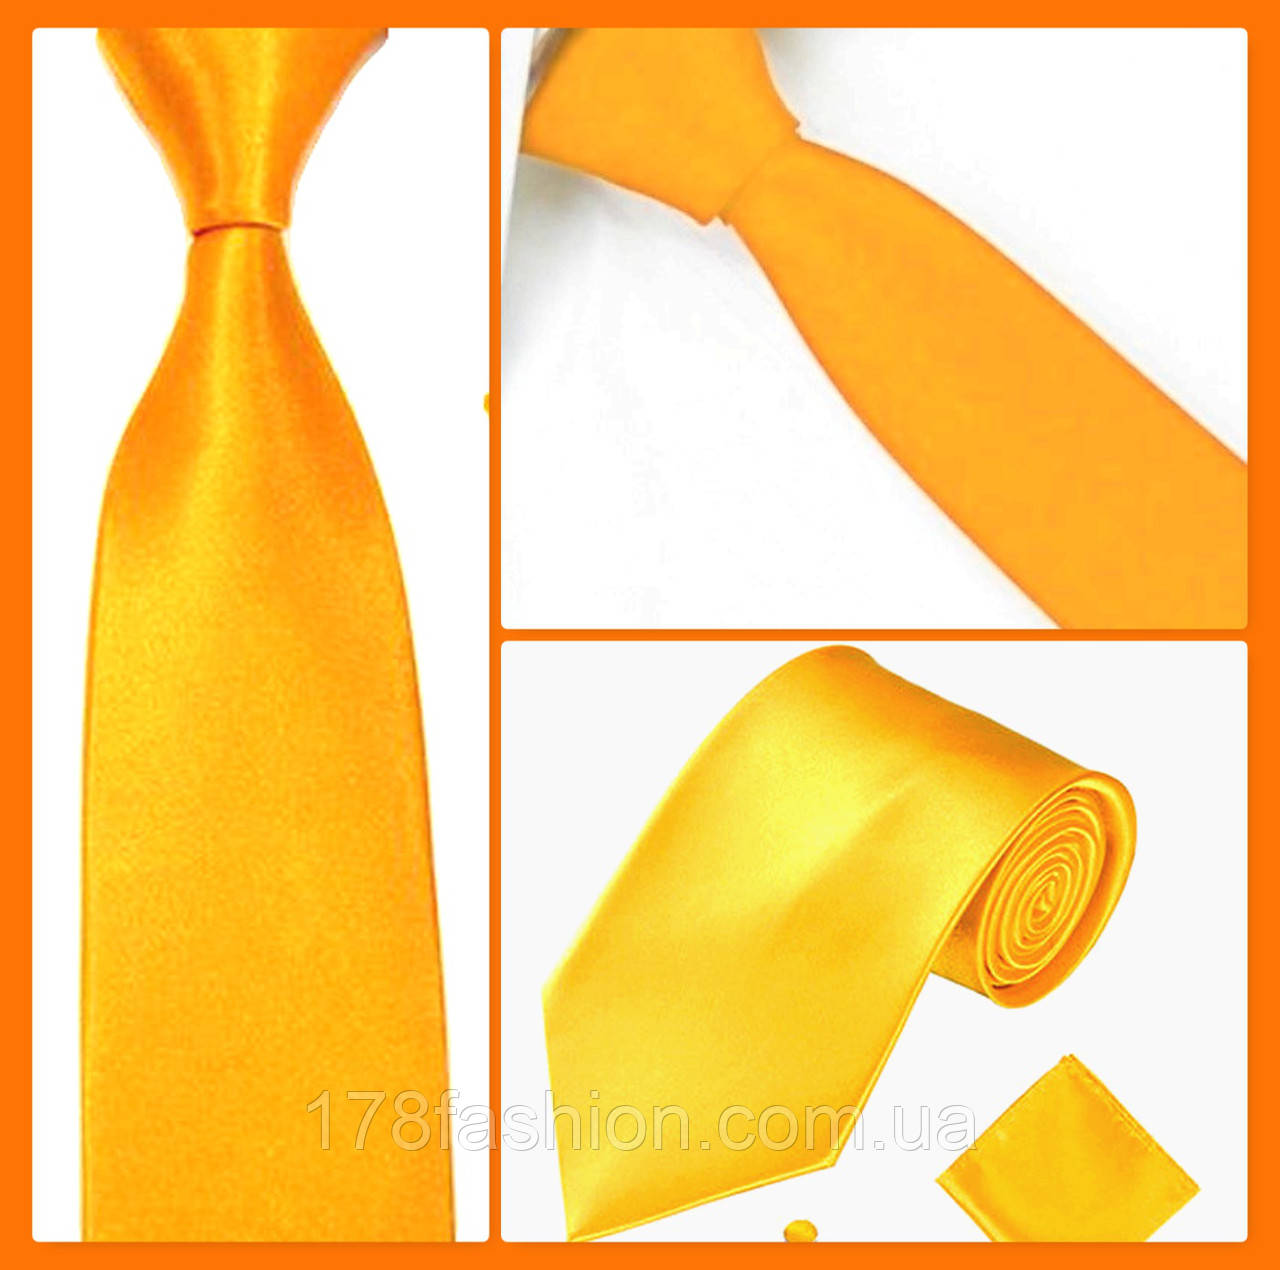 Стильный и модный детский однотонный атласный галстук №18 золотой